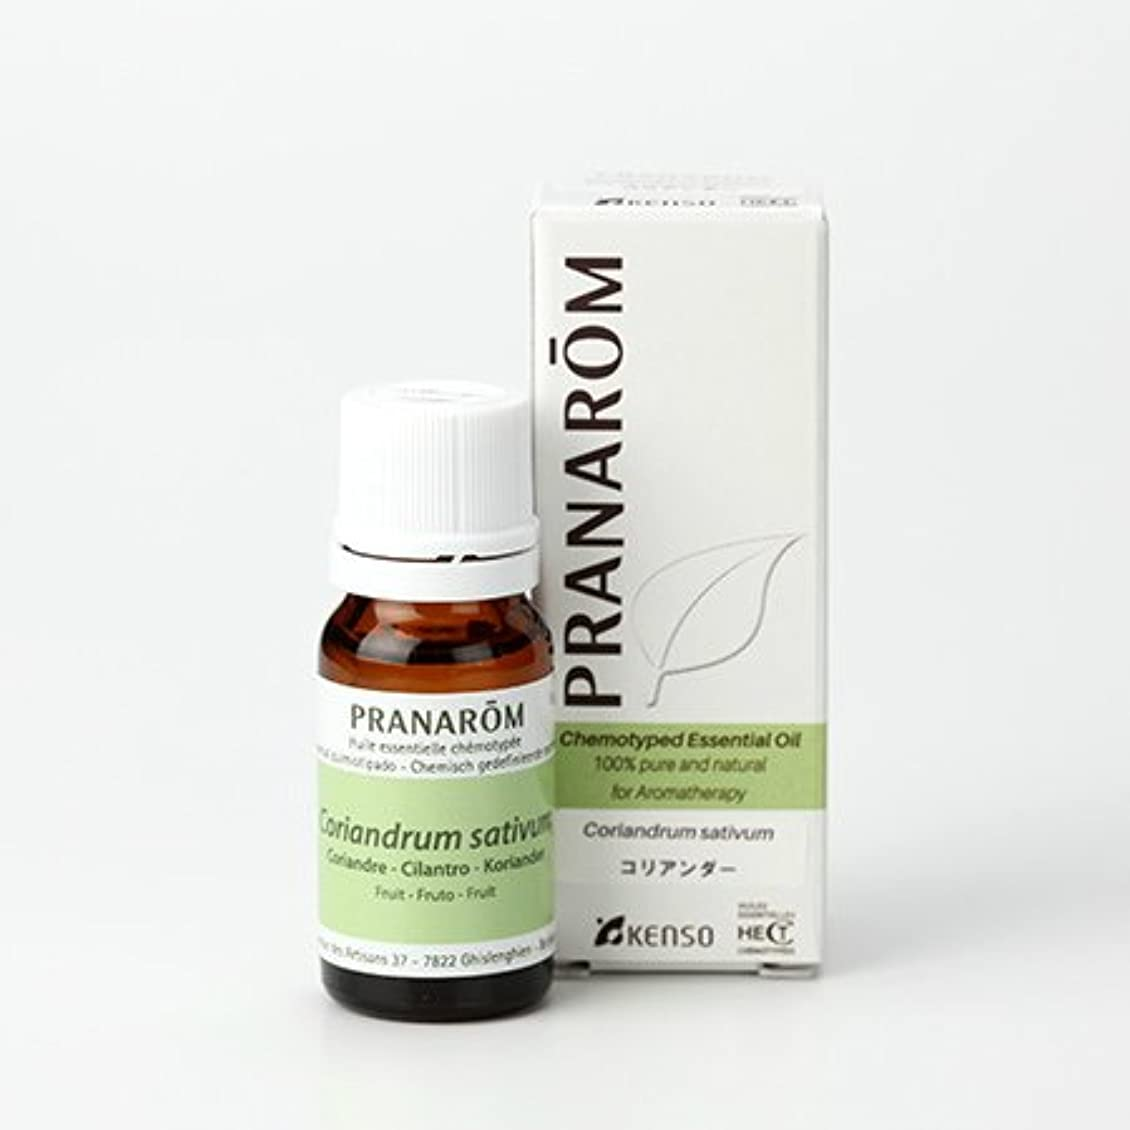 インストールヒロイック楽しむプラナロム コリアンダー 10ml (PRANAROM ケモタイプ精油)